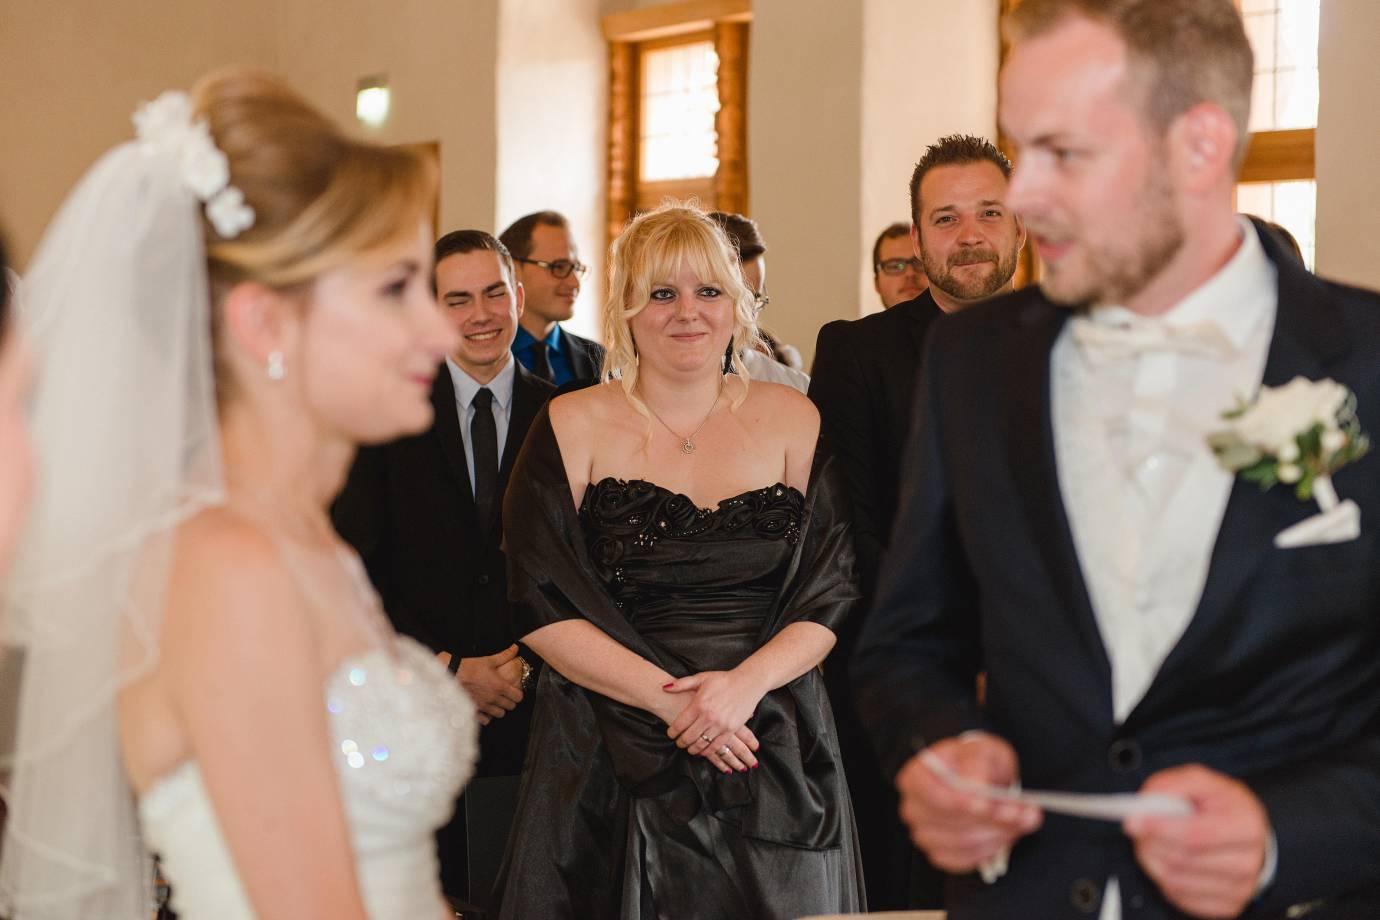 hochzeitsfotograf thedinghausen 065 - Nadine+Michael